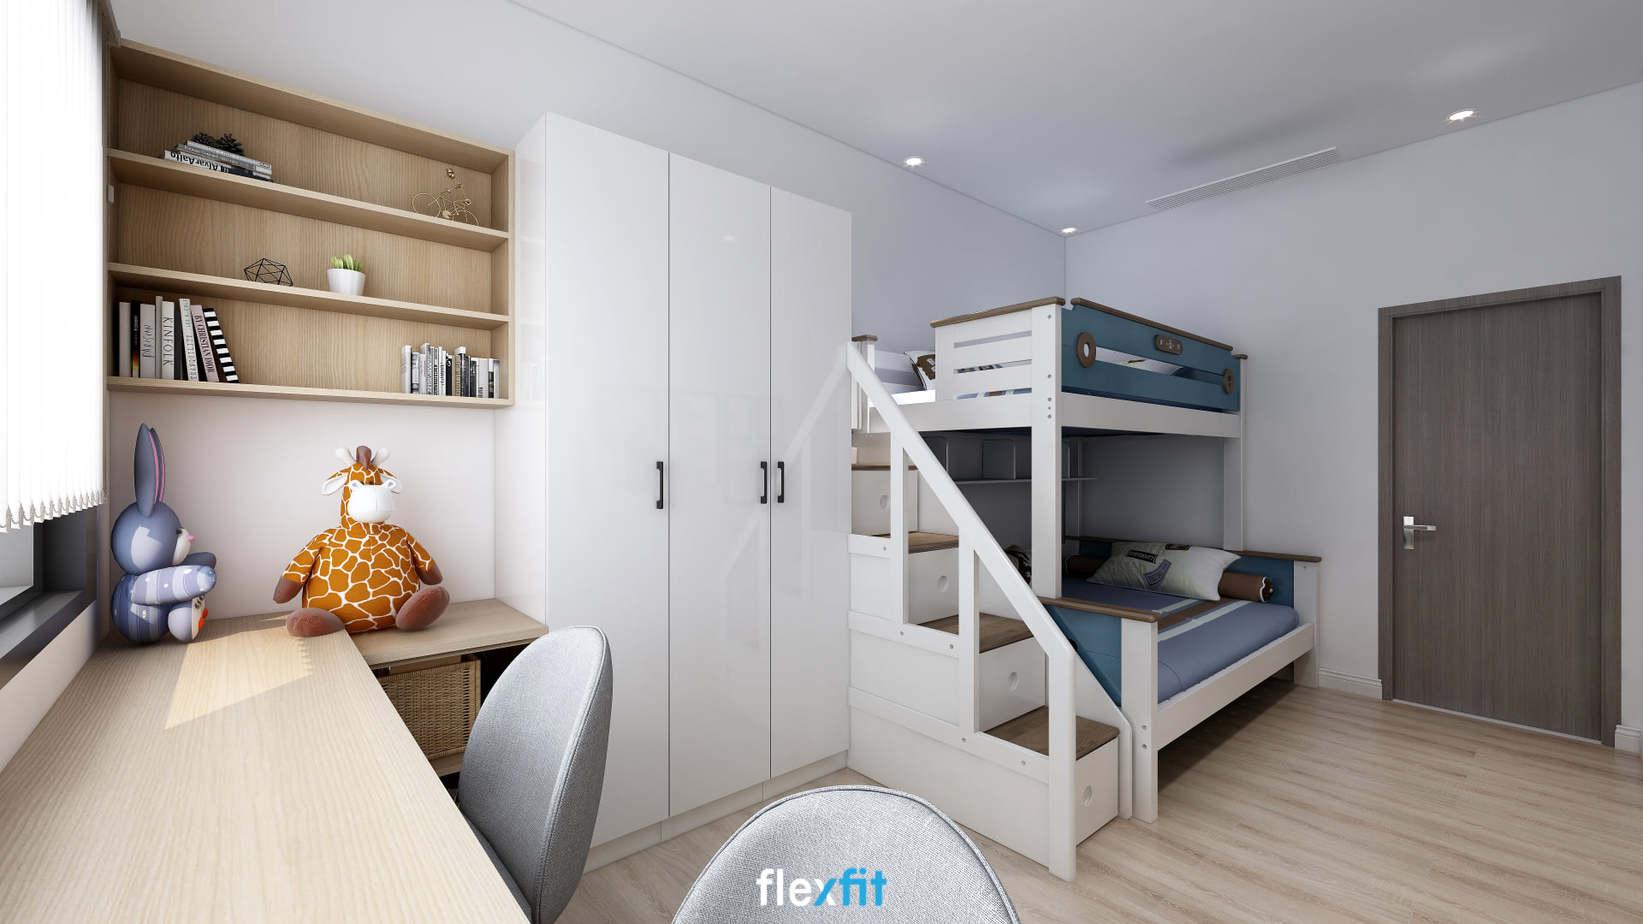 Giường 2 tầng sở hữu thiết kế thông minh, giúp tiết kiệm không gian sống và biến cuộc sống trở nên tiện nghi, hiện đại hơn.